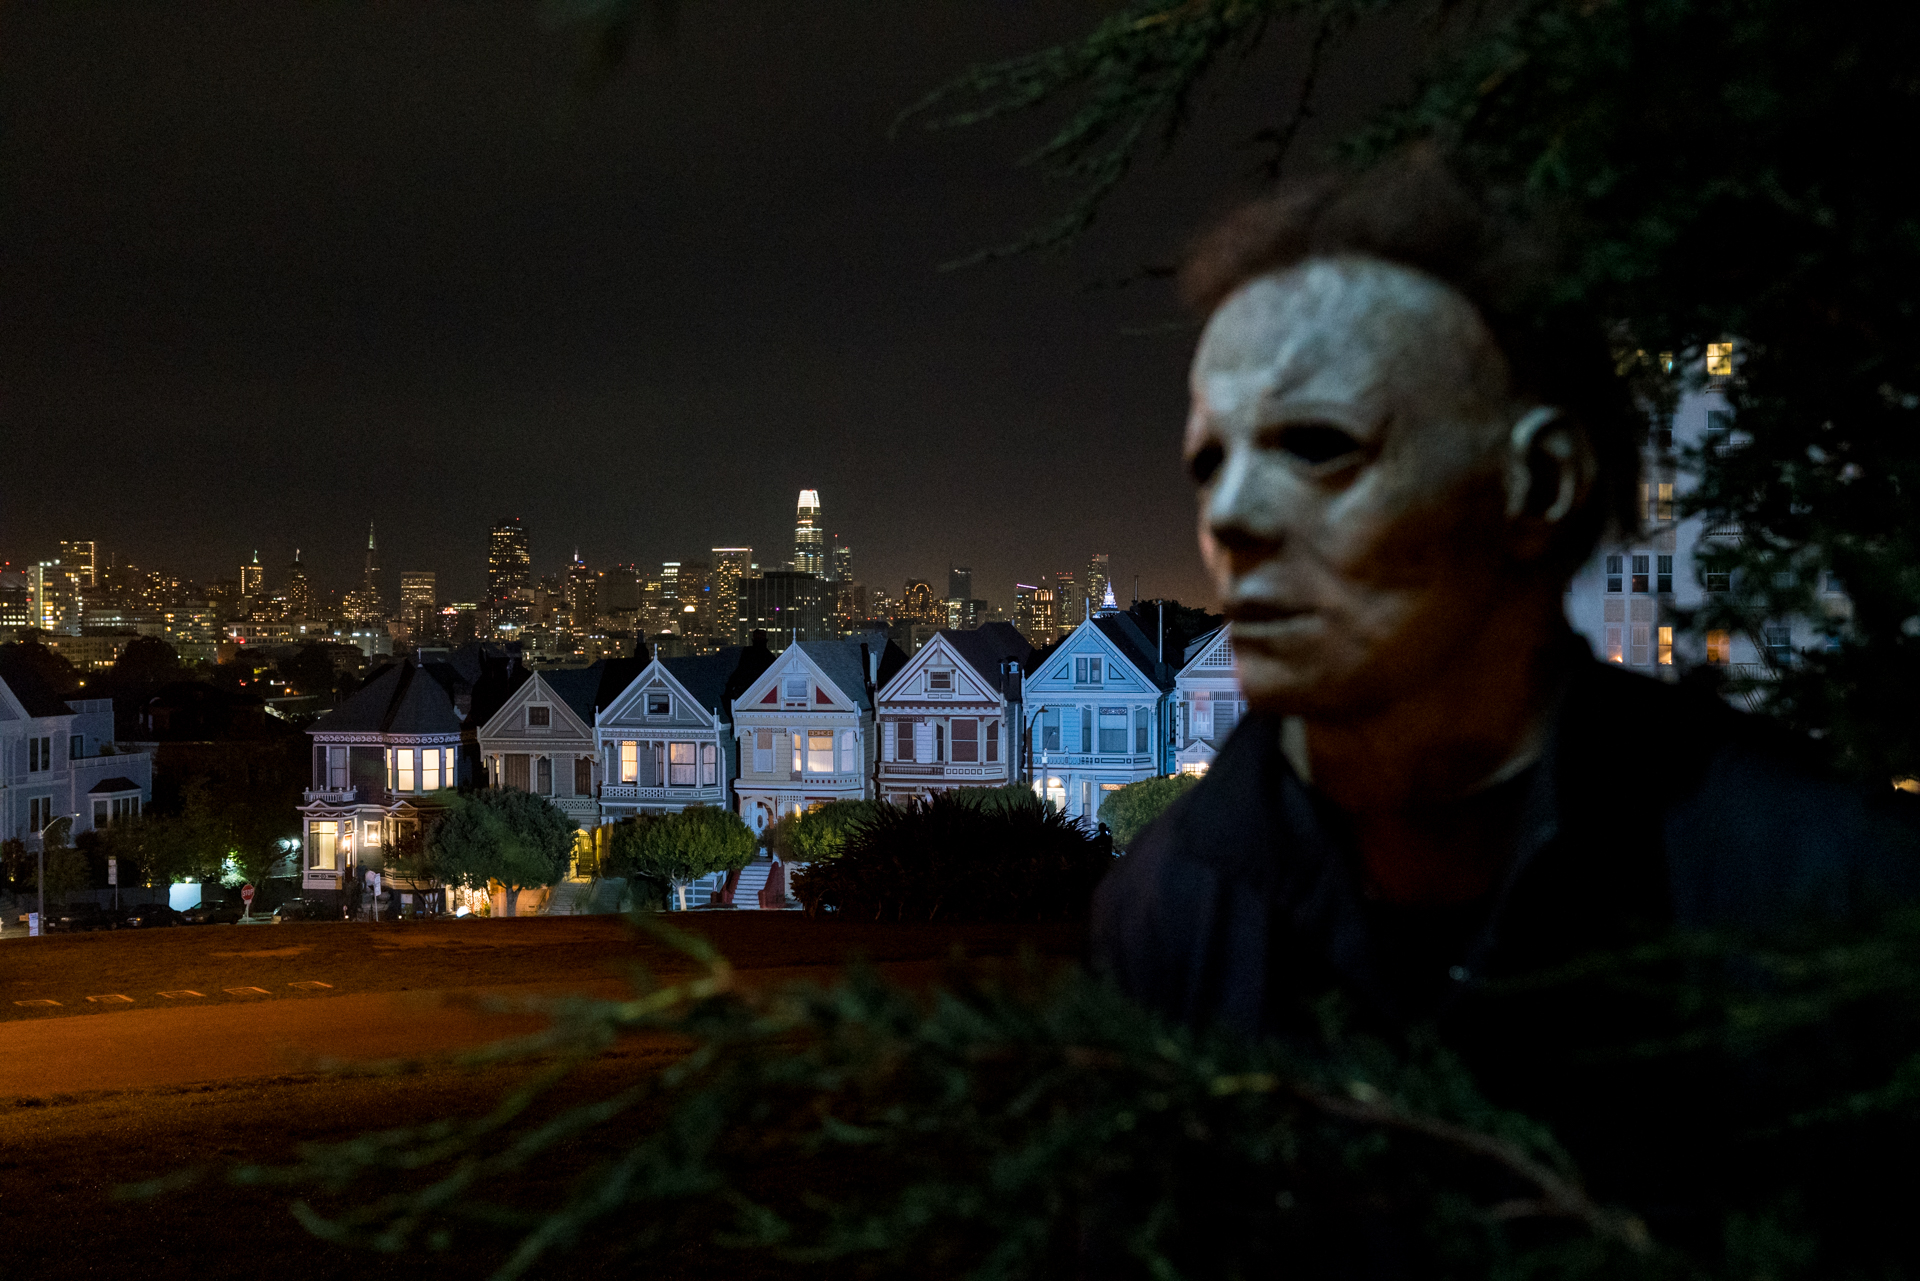 Halloween 2018 Publicity Stills